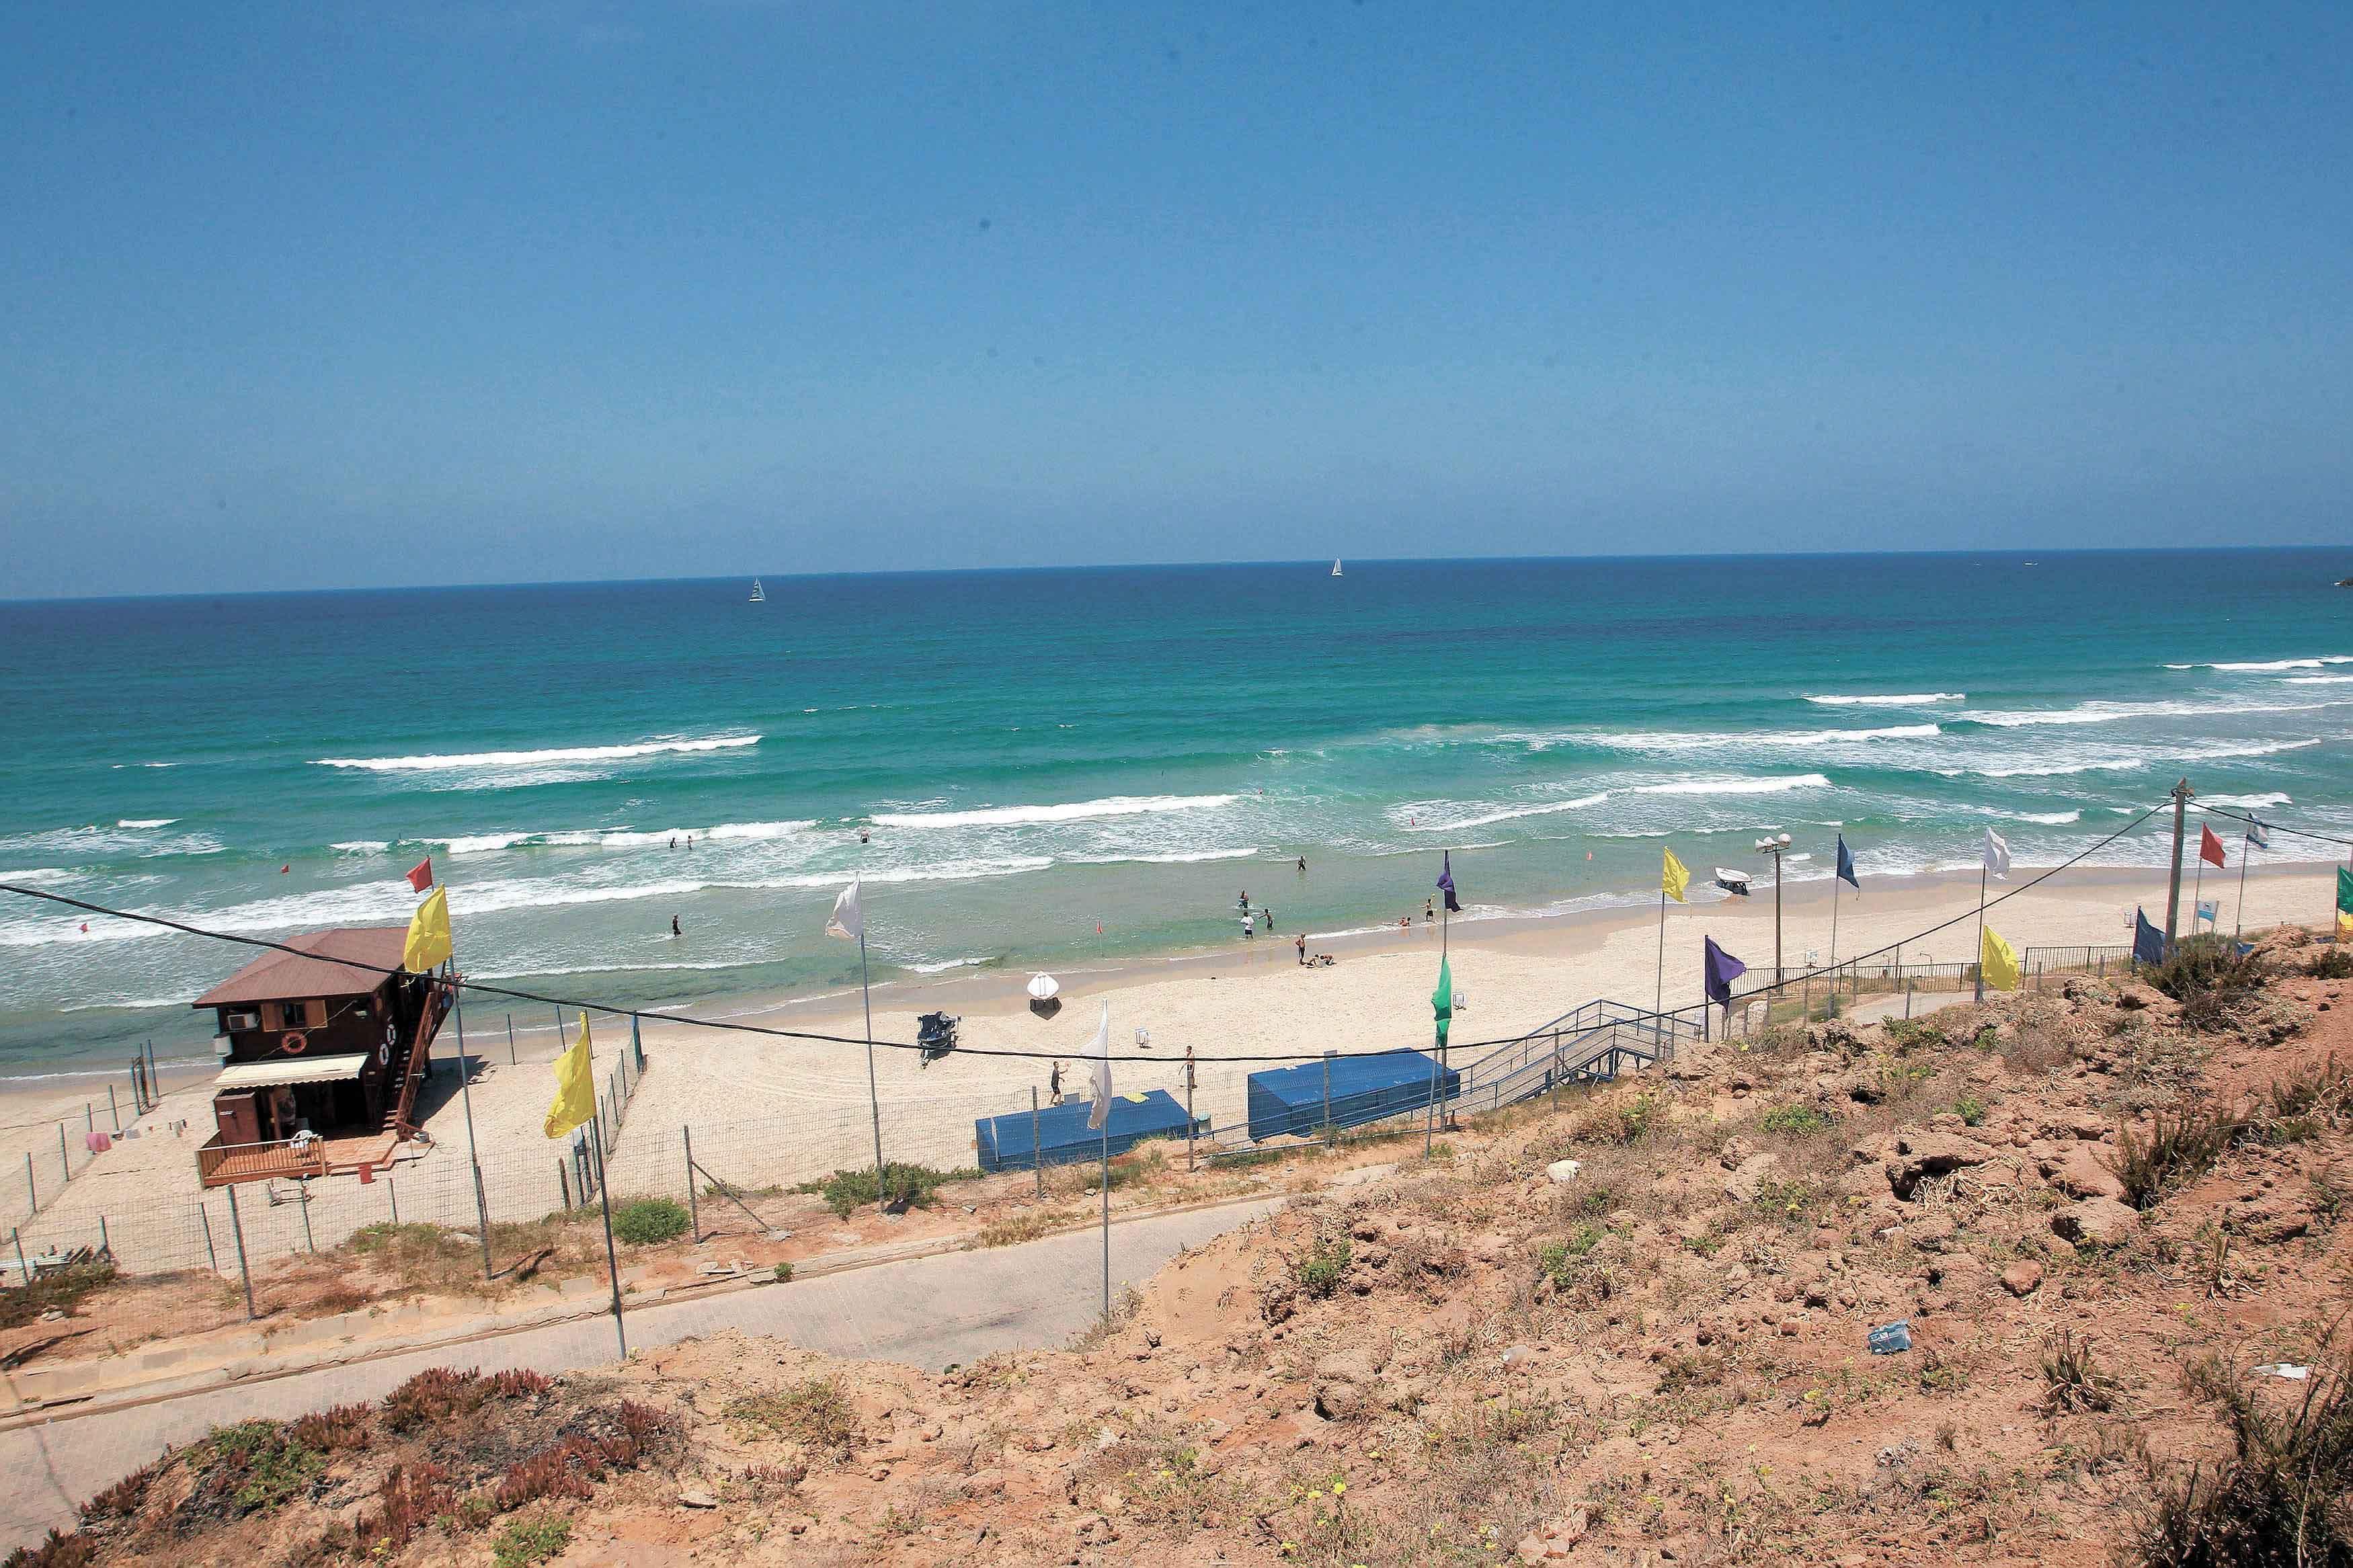 החוף הנפרד בהרצליה. צילום עזרא לוי